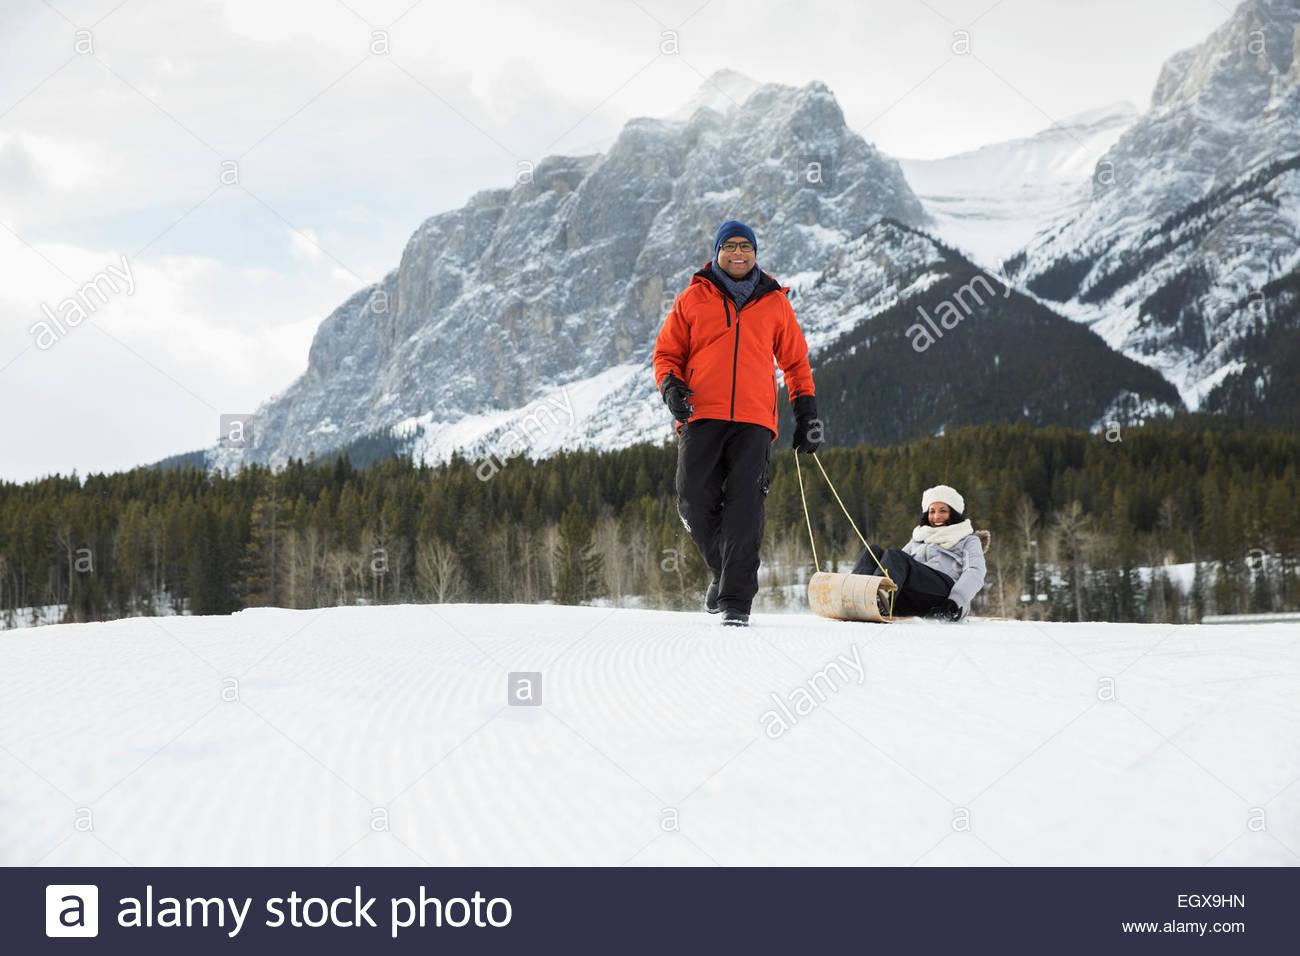 Mann Frau auf Schlitten in schneebedeckten Feld ziehen Stockbild